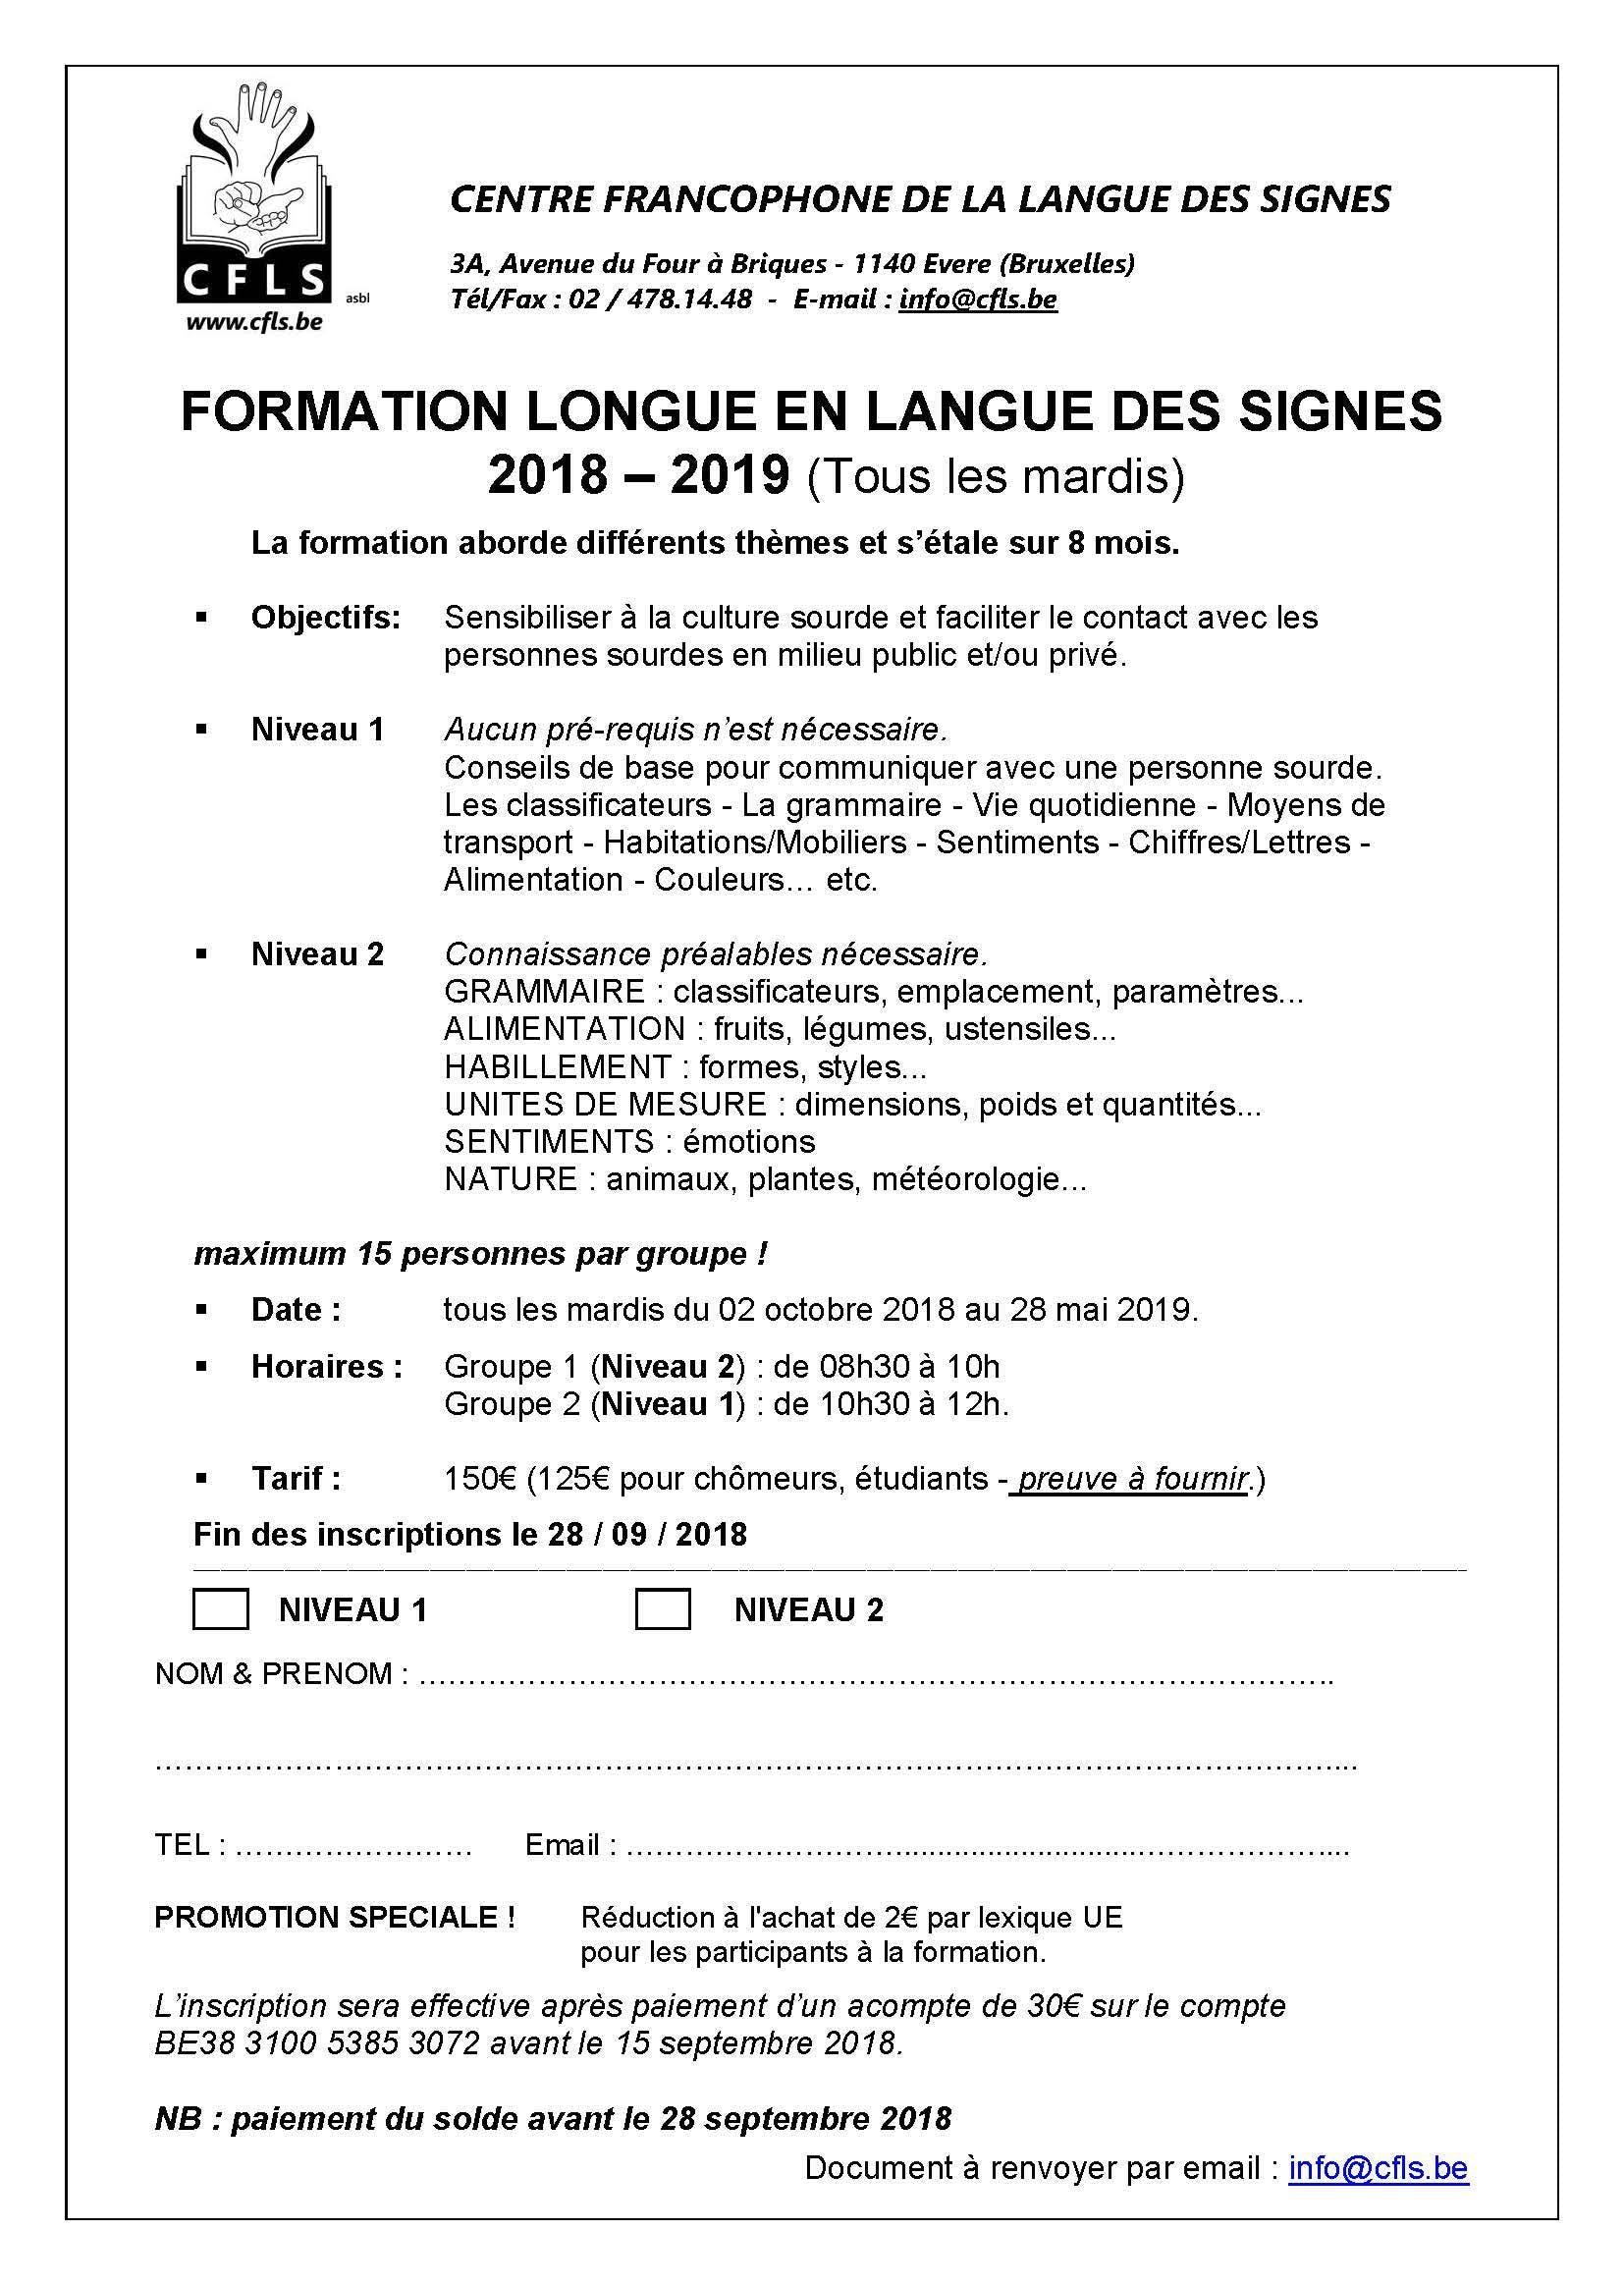 Formation longue en Langue des Signes 2018-2019